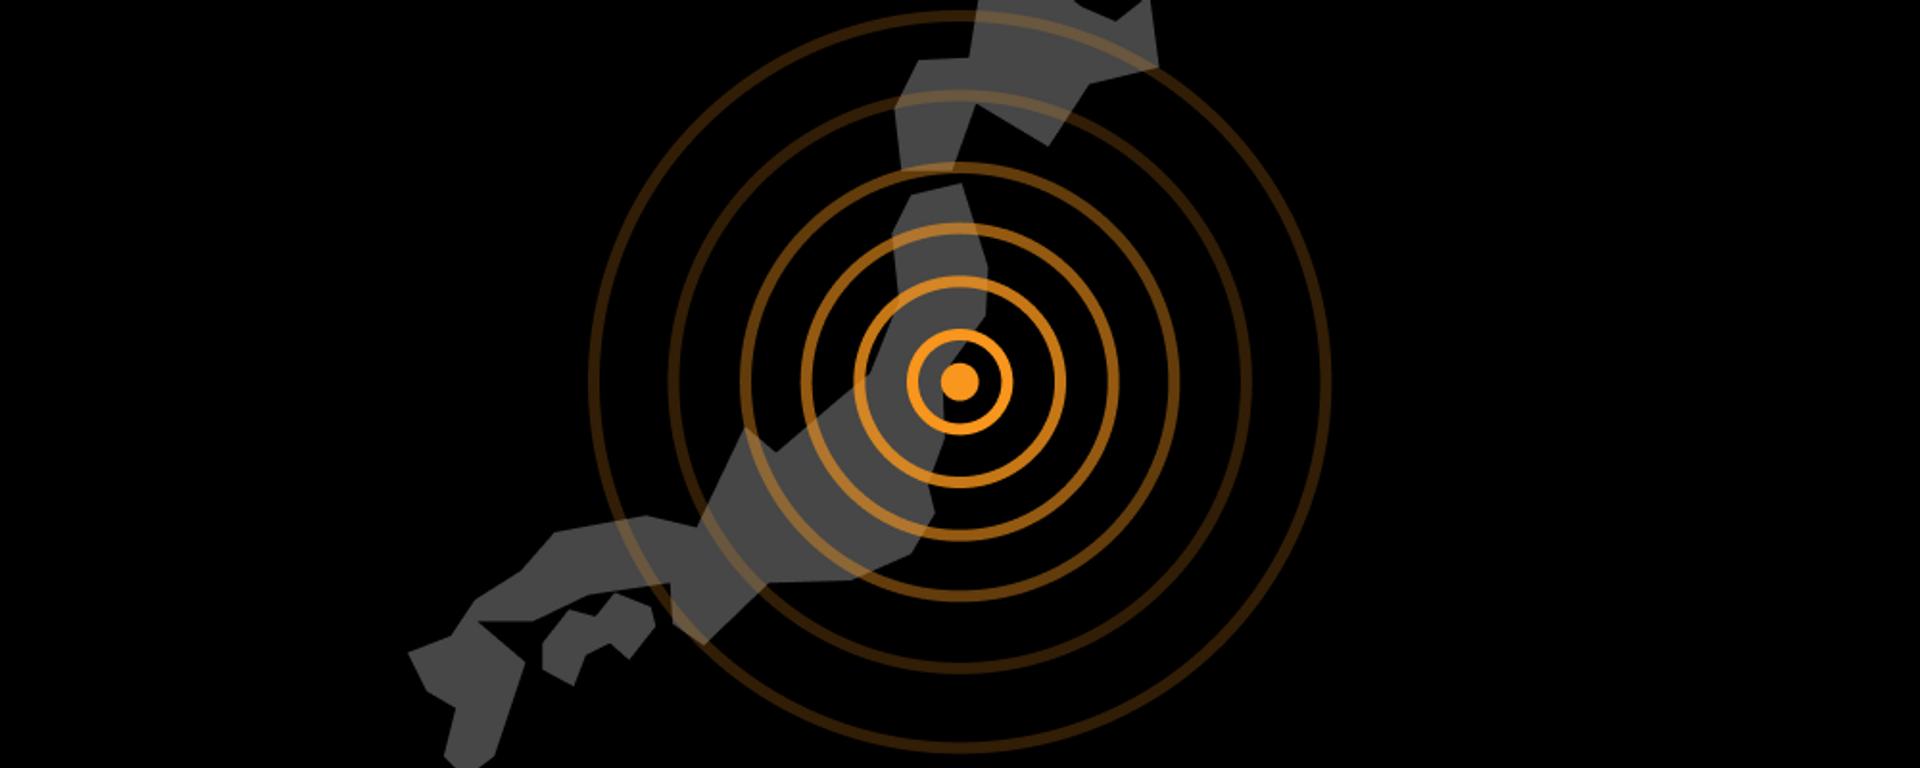 La tragedia nucleare di Fukushima - Sputnik Italia, 1920, 11.03.2021